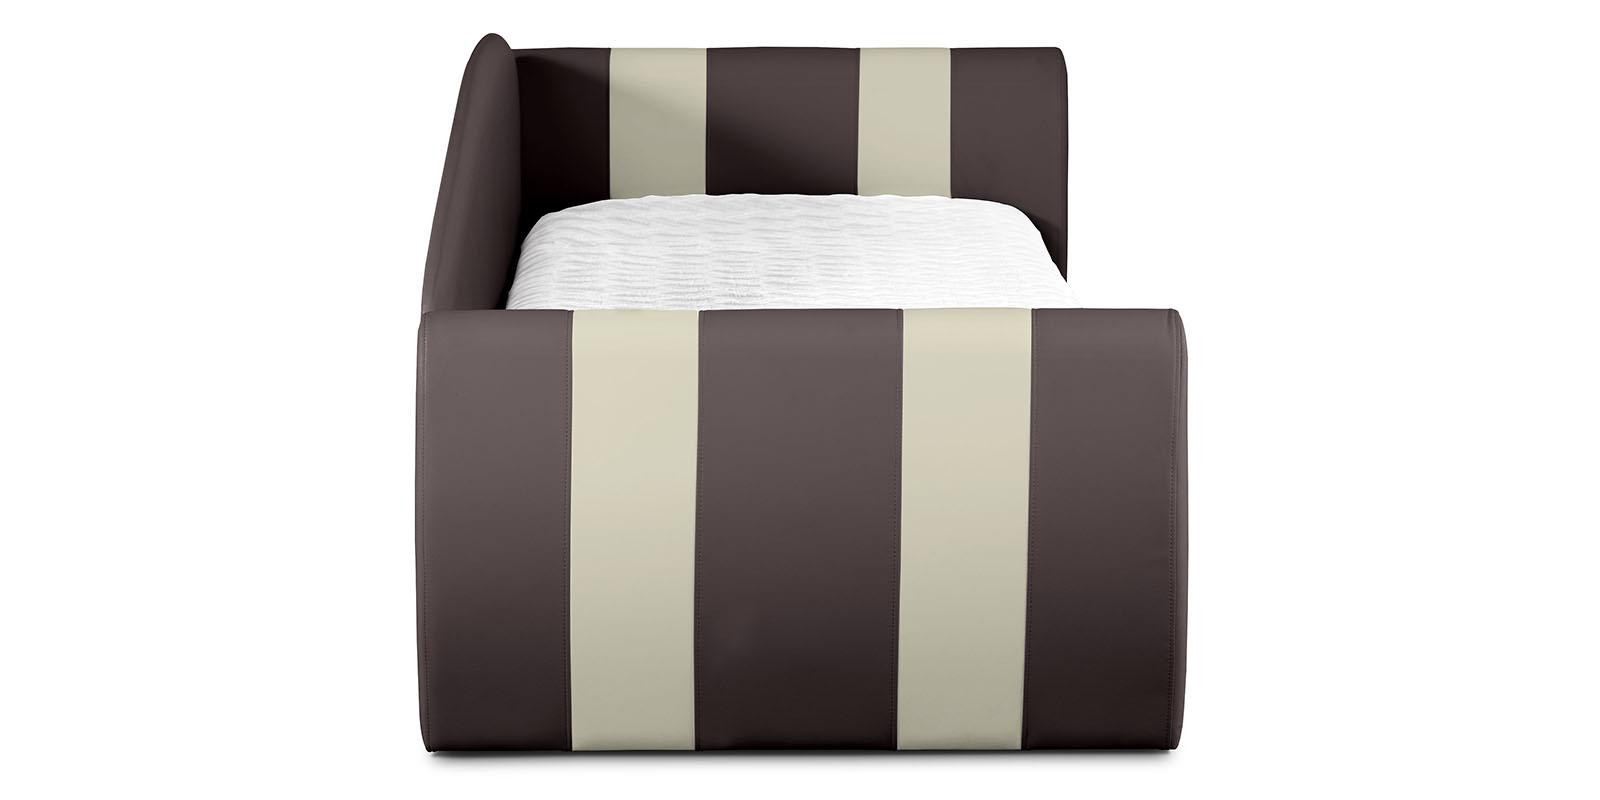 Мягкая кровать 190х90 Монако угол правый (шоколад/молочный) от HomeMe.ru